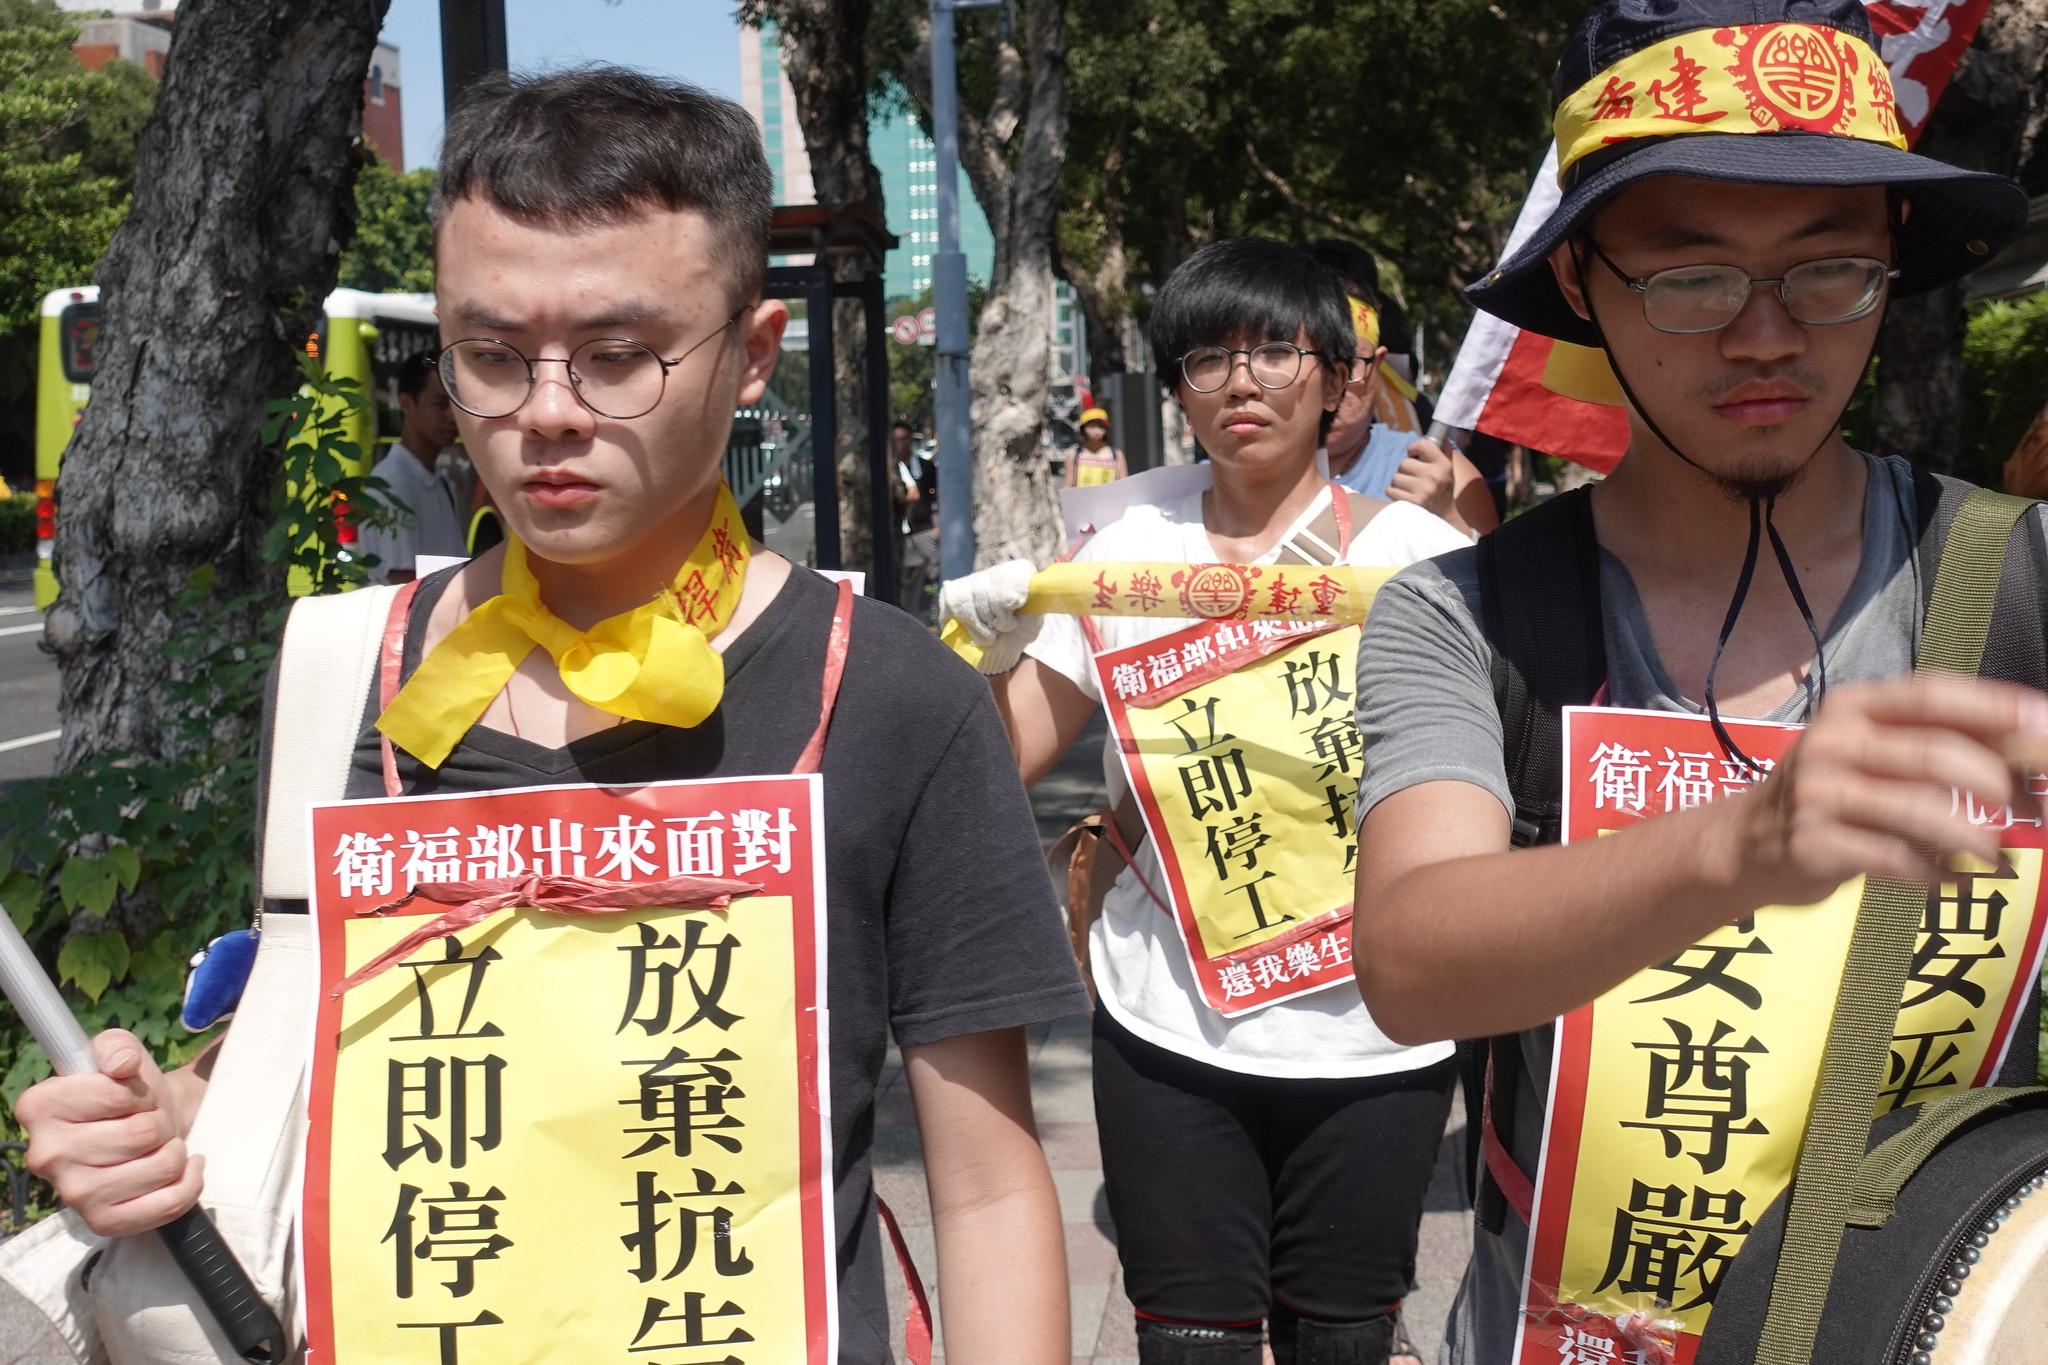 樂青呼籲衛福部「放棄抗告,立即停工」。(攝影:張智琦)